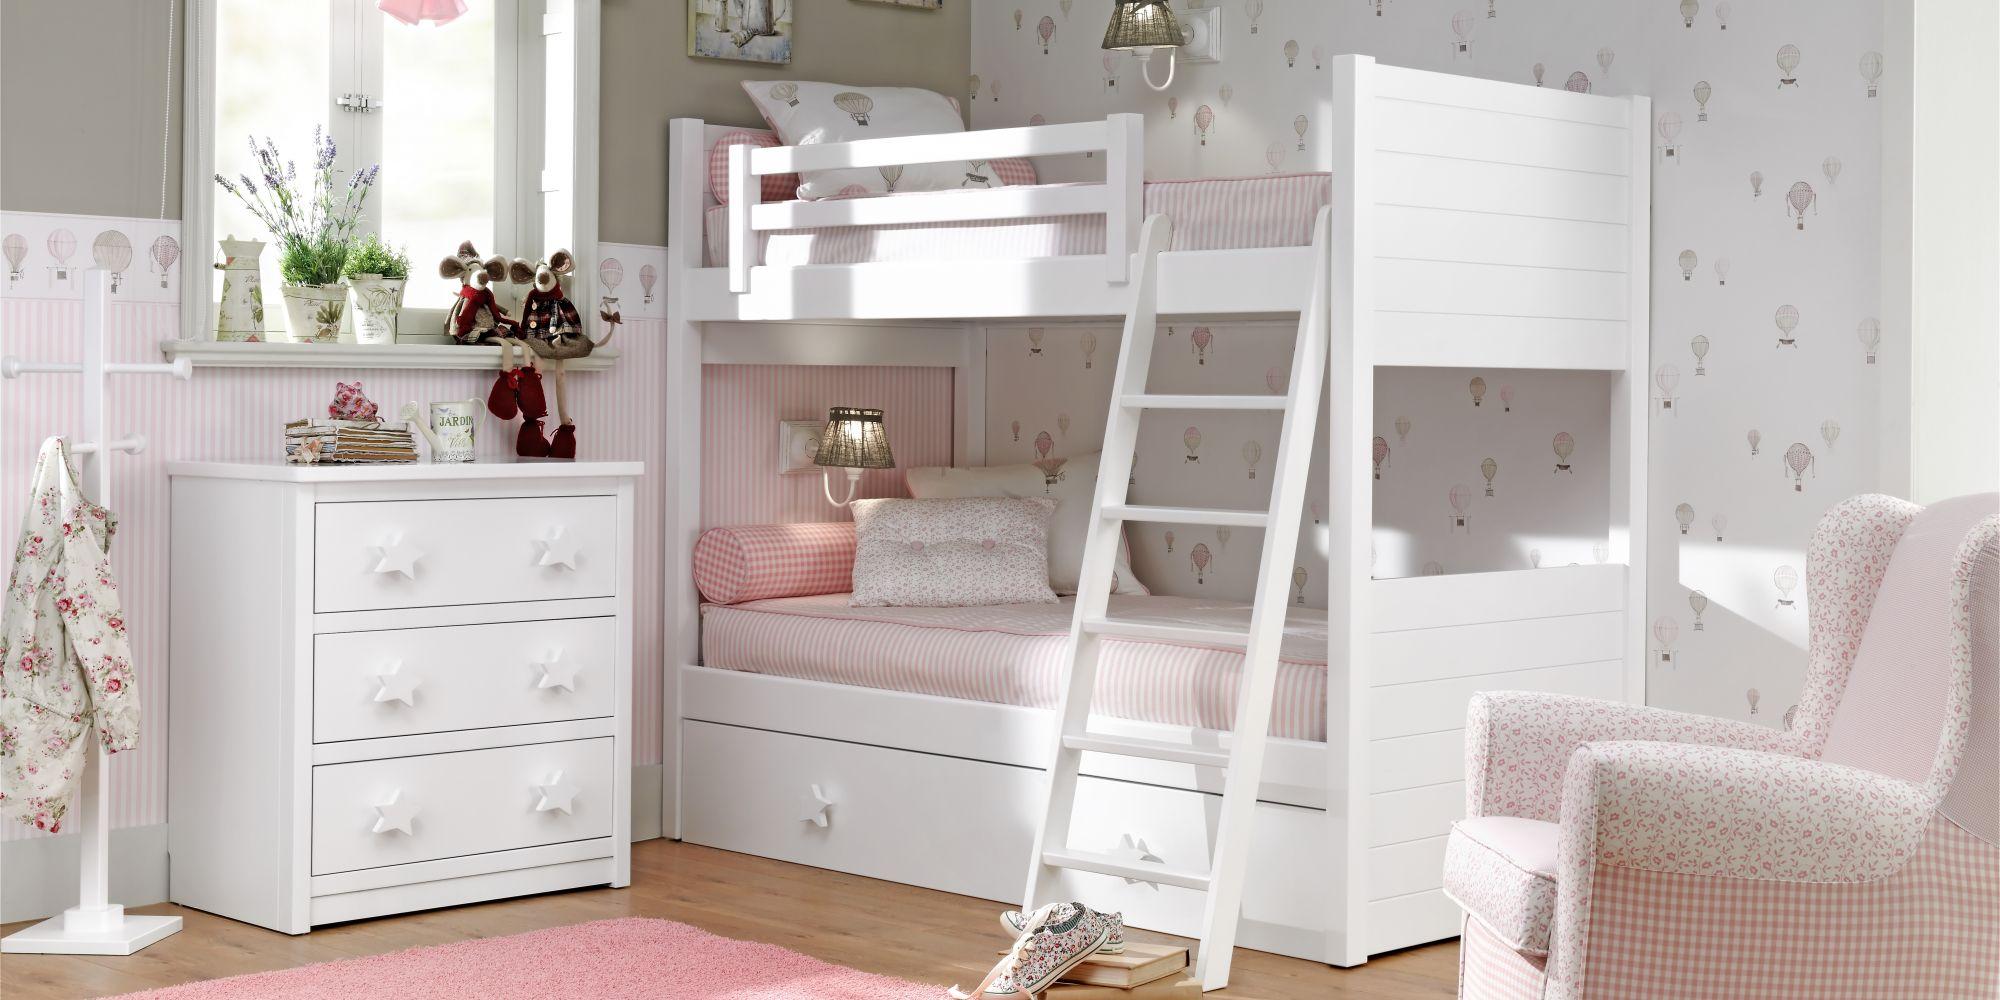 Dormitorio femenino con litera, cómoda y mecedora